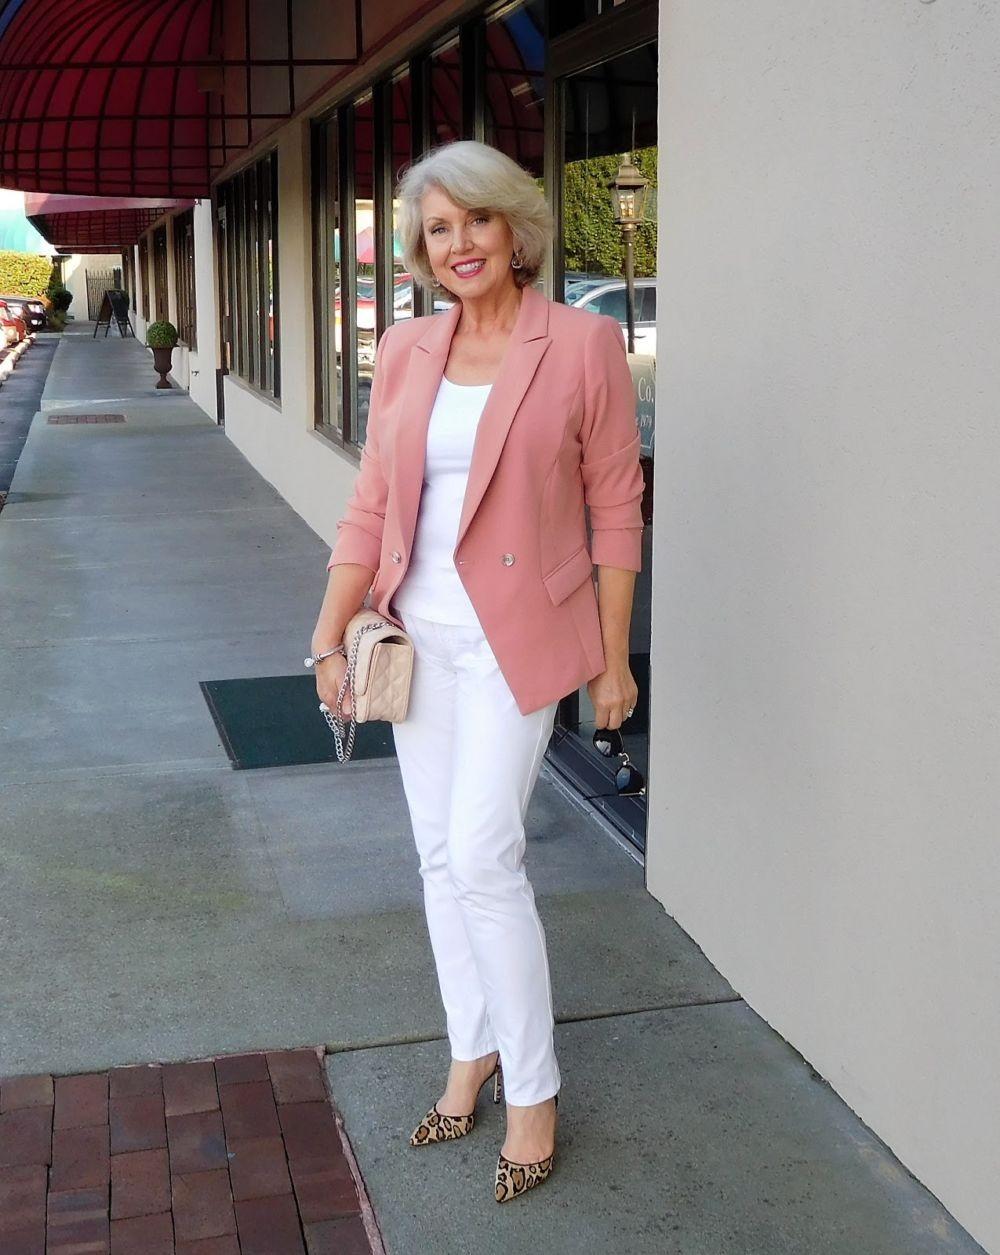 светло-розовый пиджак и белые брюки